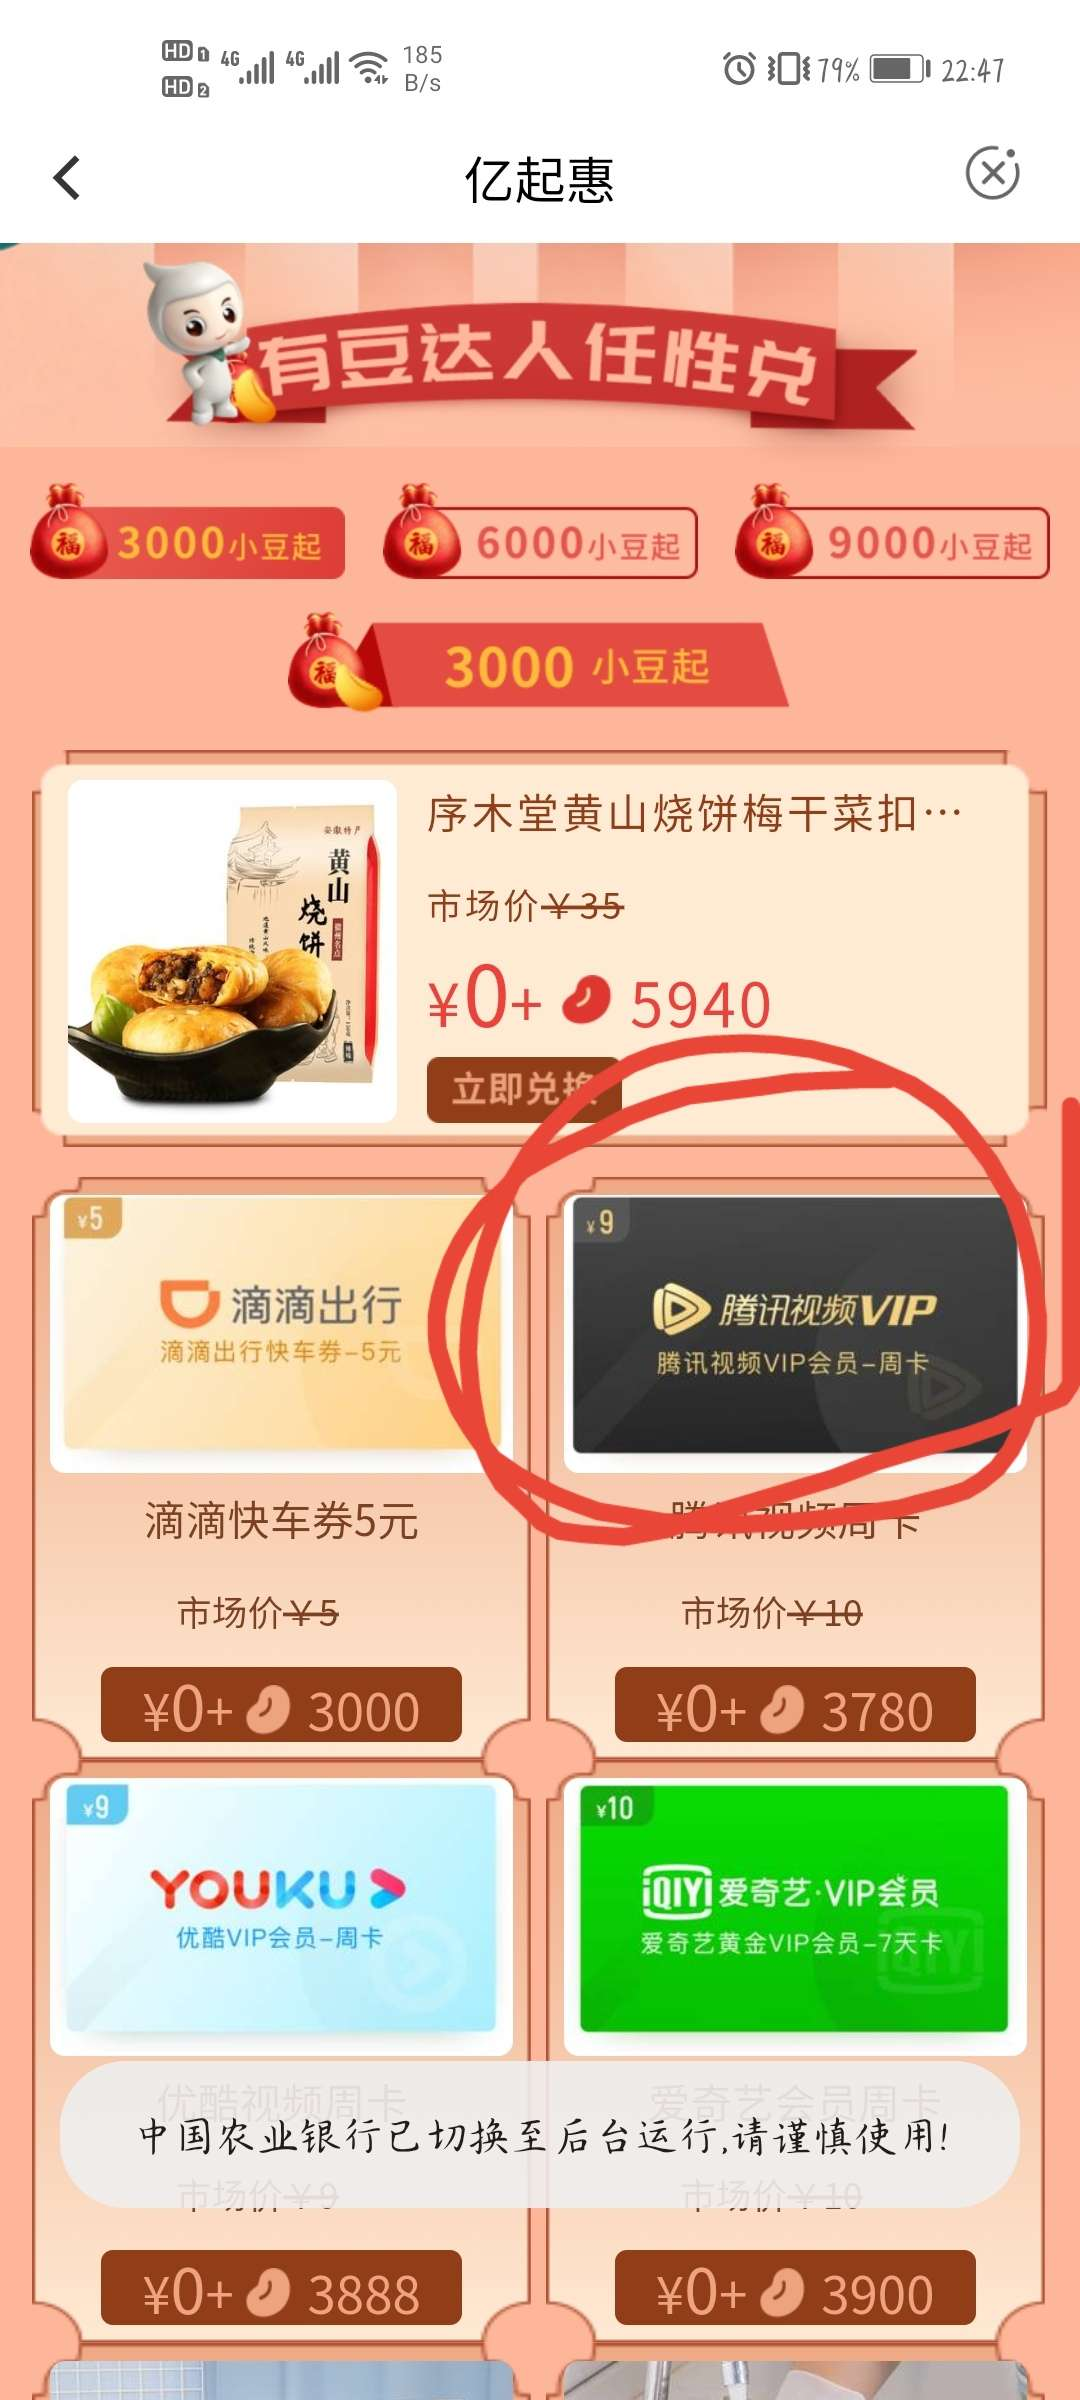 图片[2]-中国农业银行APP兑换腾讯视频周卡等物品-老友薅羊毛活动线报网